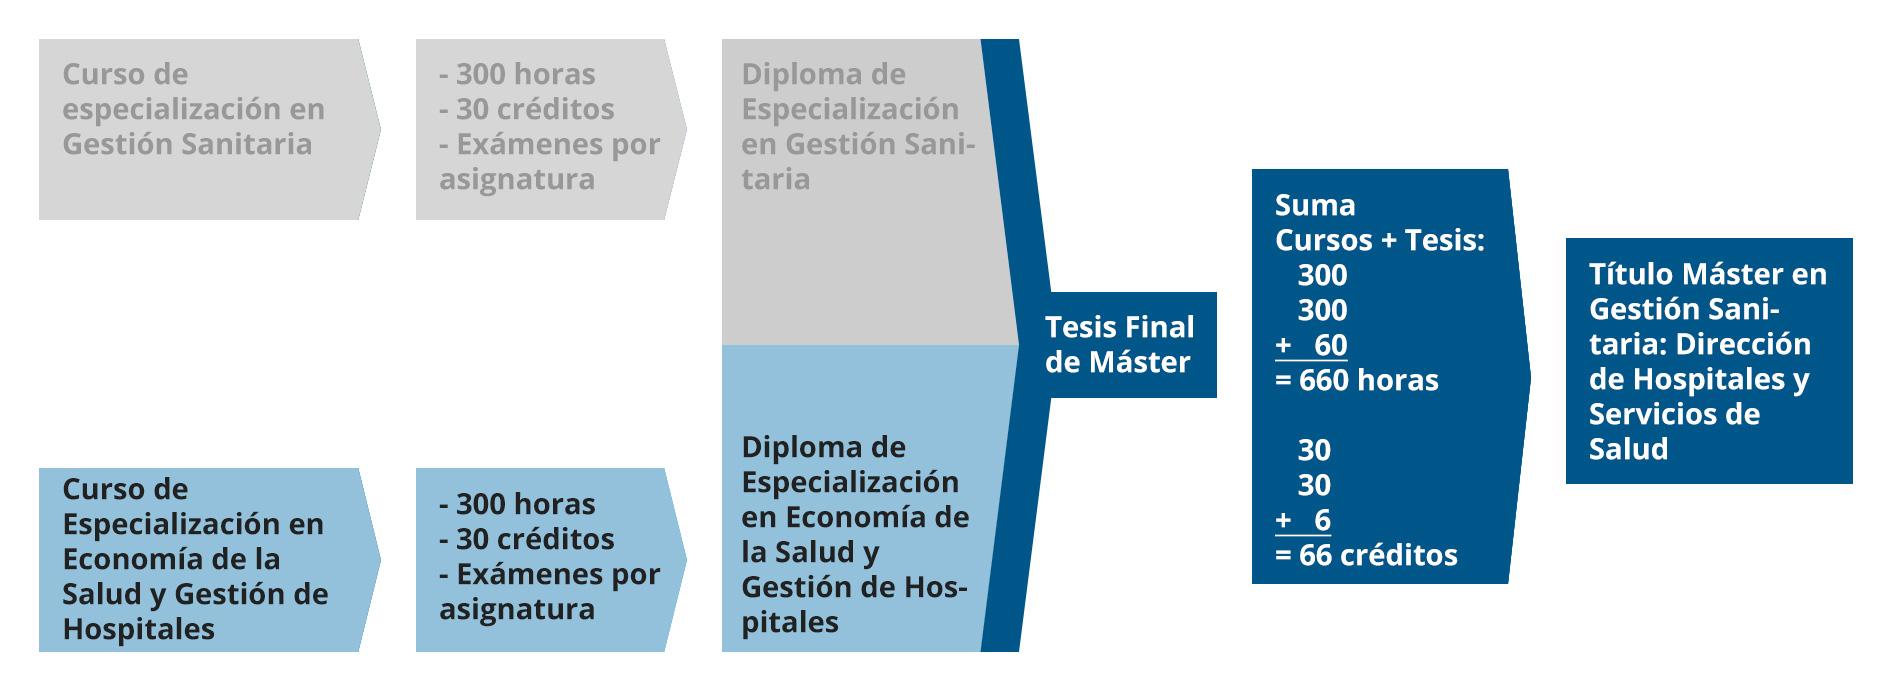 Diagrama del Diploma de Especialización en Economía de la Salud y Gestión de Hospitales